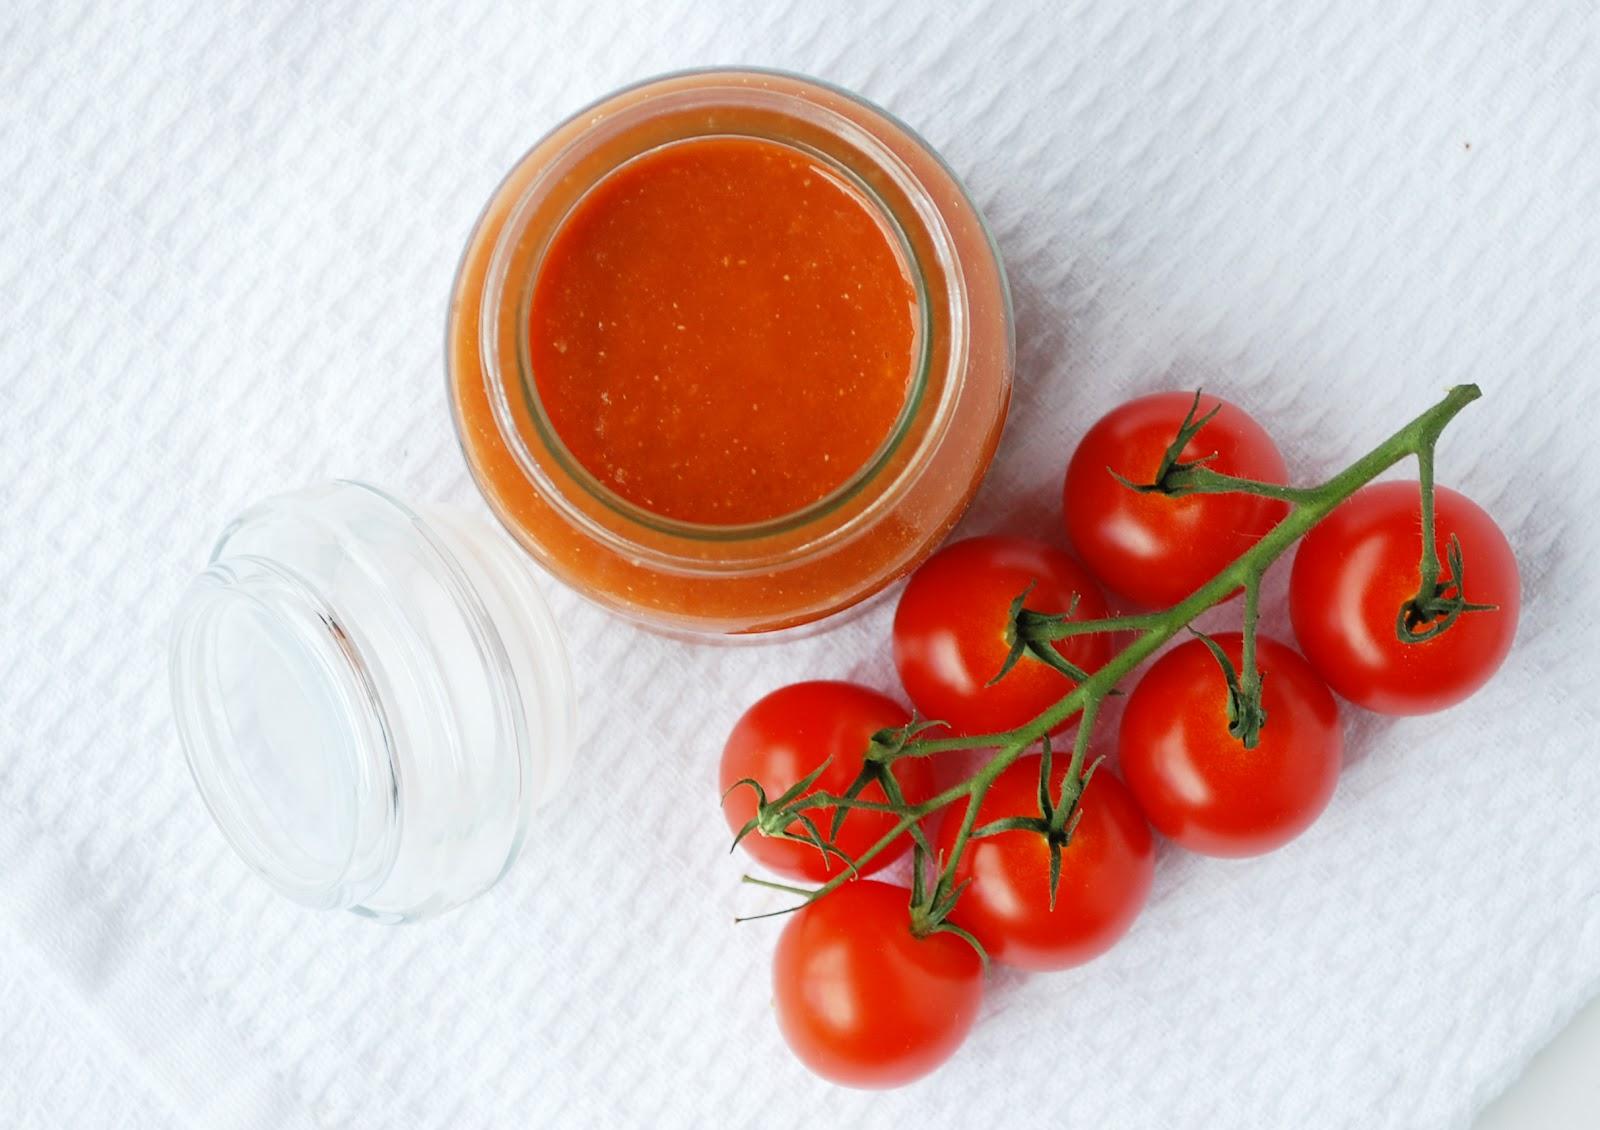 Кетчуп из помидоров в домашних условиях. Пошаговый рецепт с 55